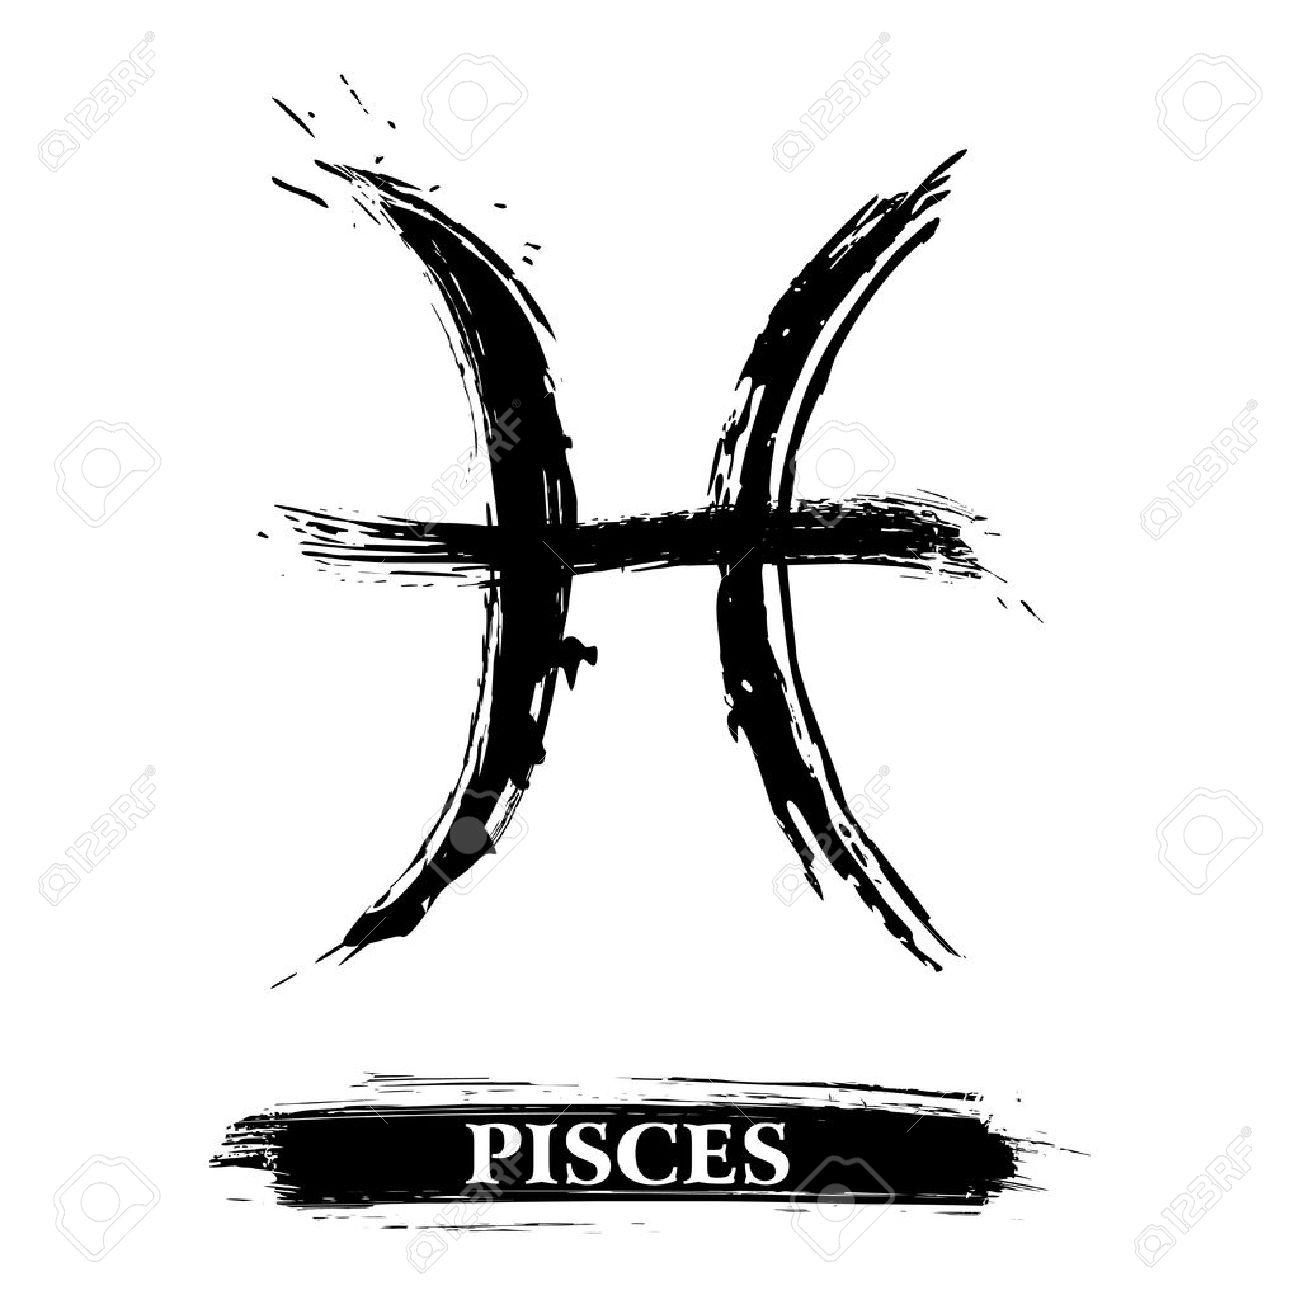 Pisces symbol royalty free cliparts vectors and stock pisces symbol stock vector 16550308 buycottarizona